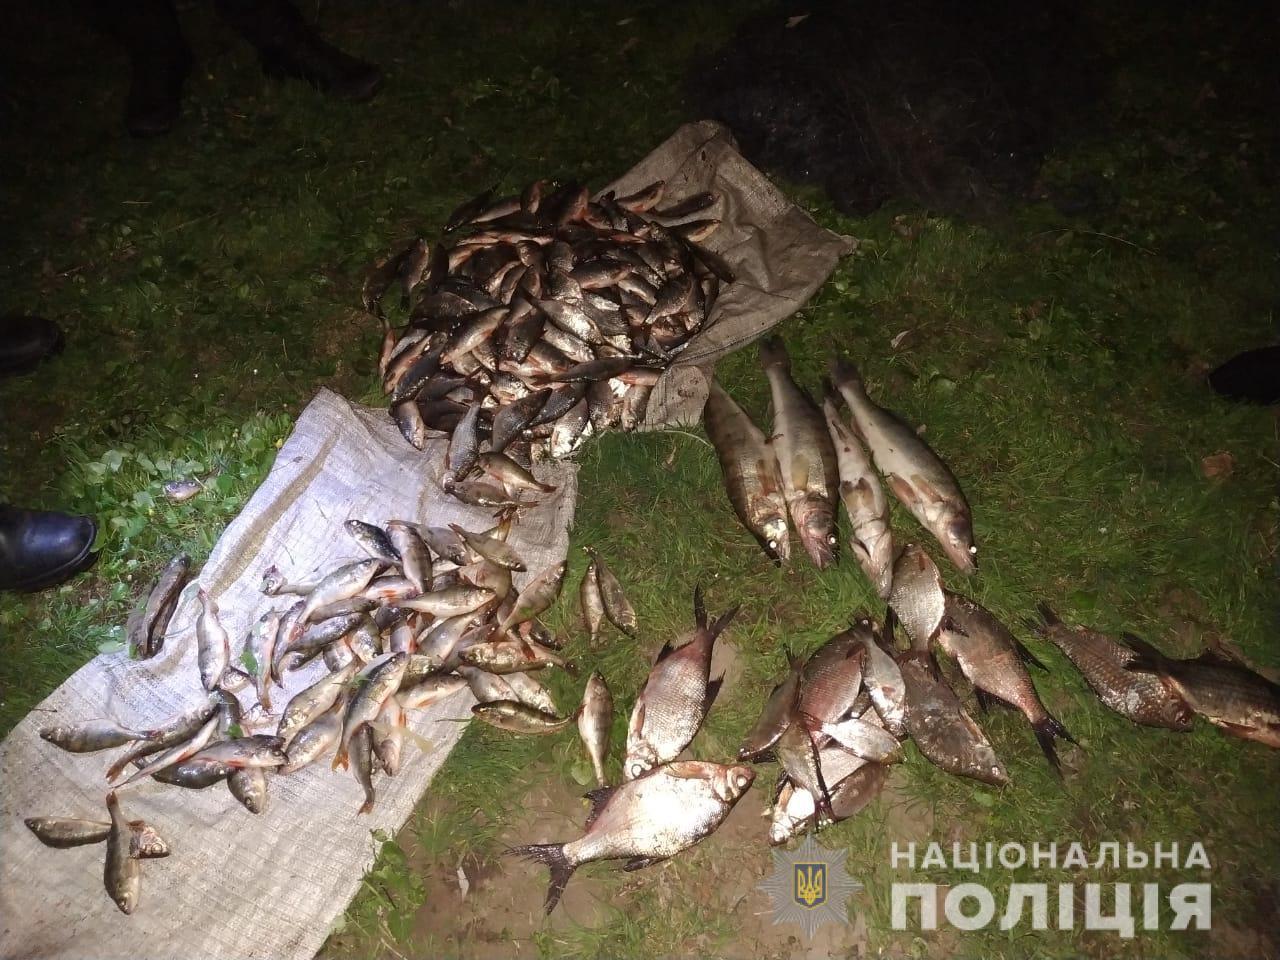 На Харьковщине браконьеры нанесли ущерб в 26 тыс. грн (фото)